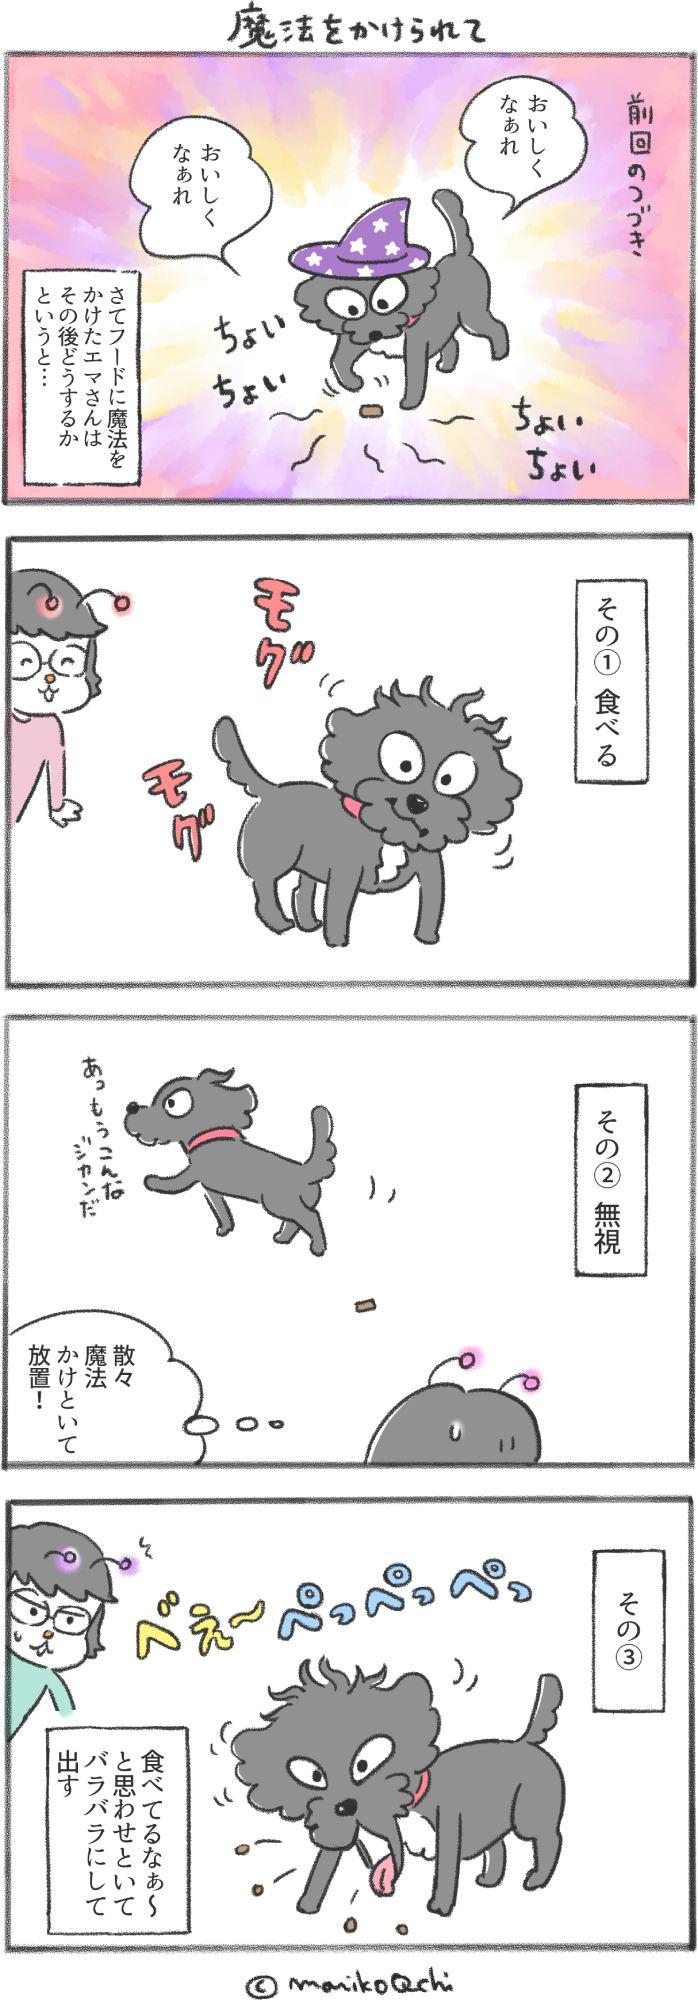 犬と暮らせば第81話